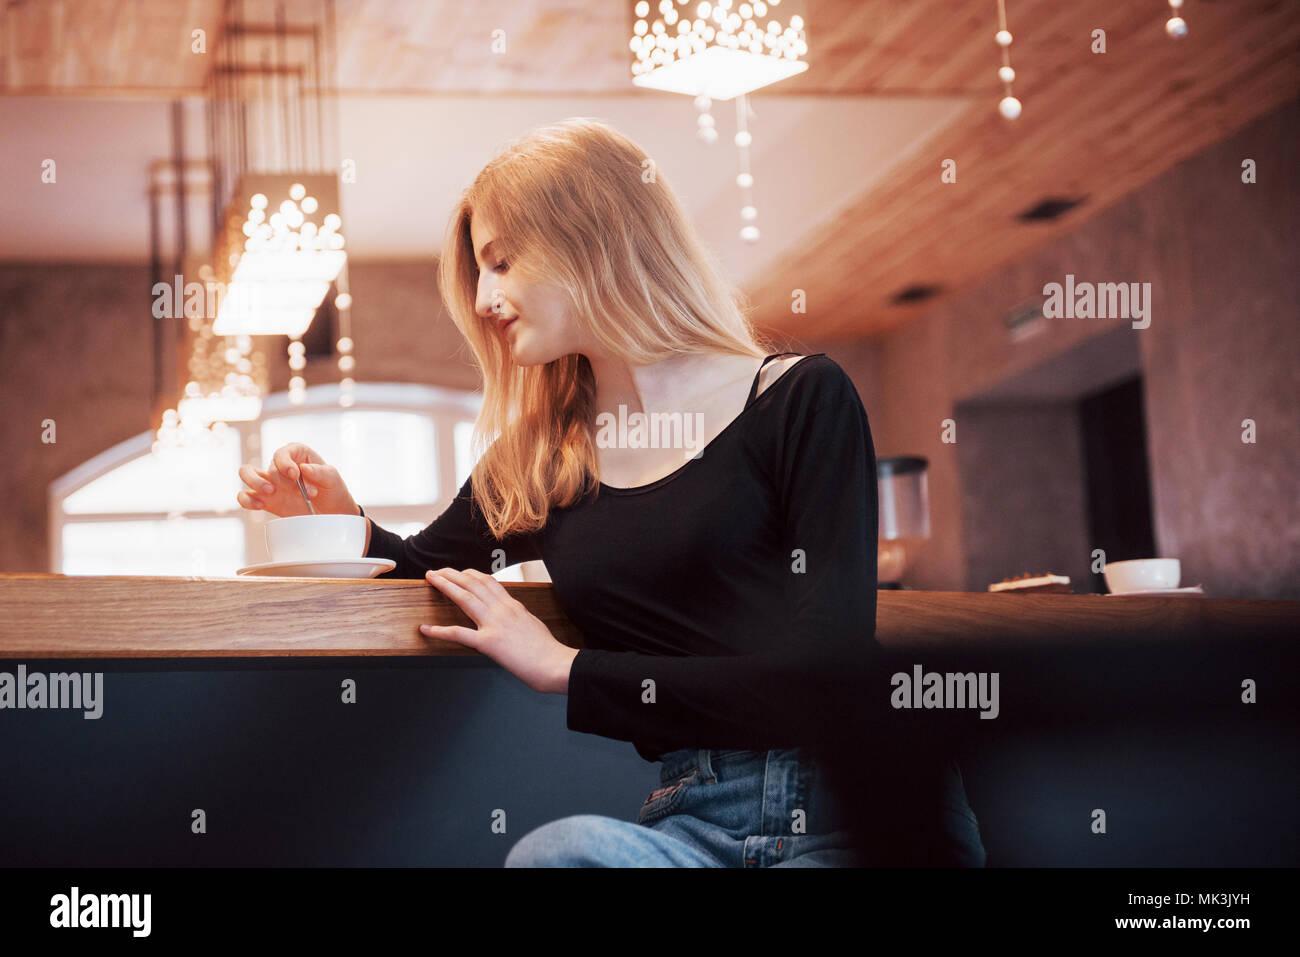 Donna sorridente al cafe' utilizzando il telefono cellulare e sms in reti sociali, seduto da solo Immagini Stock